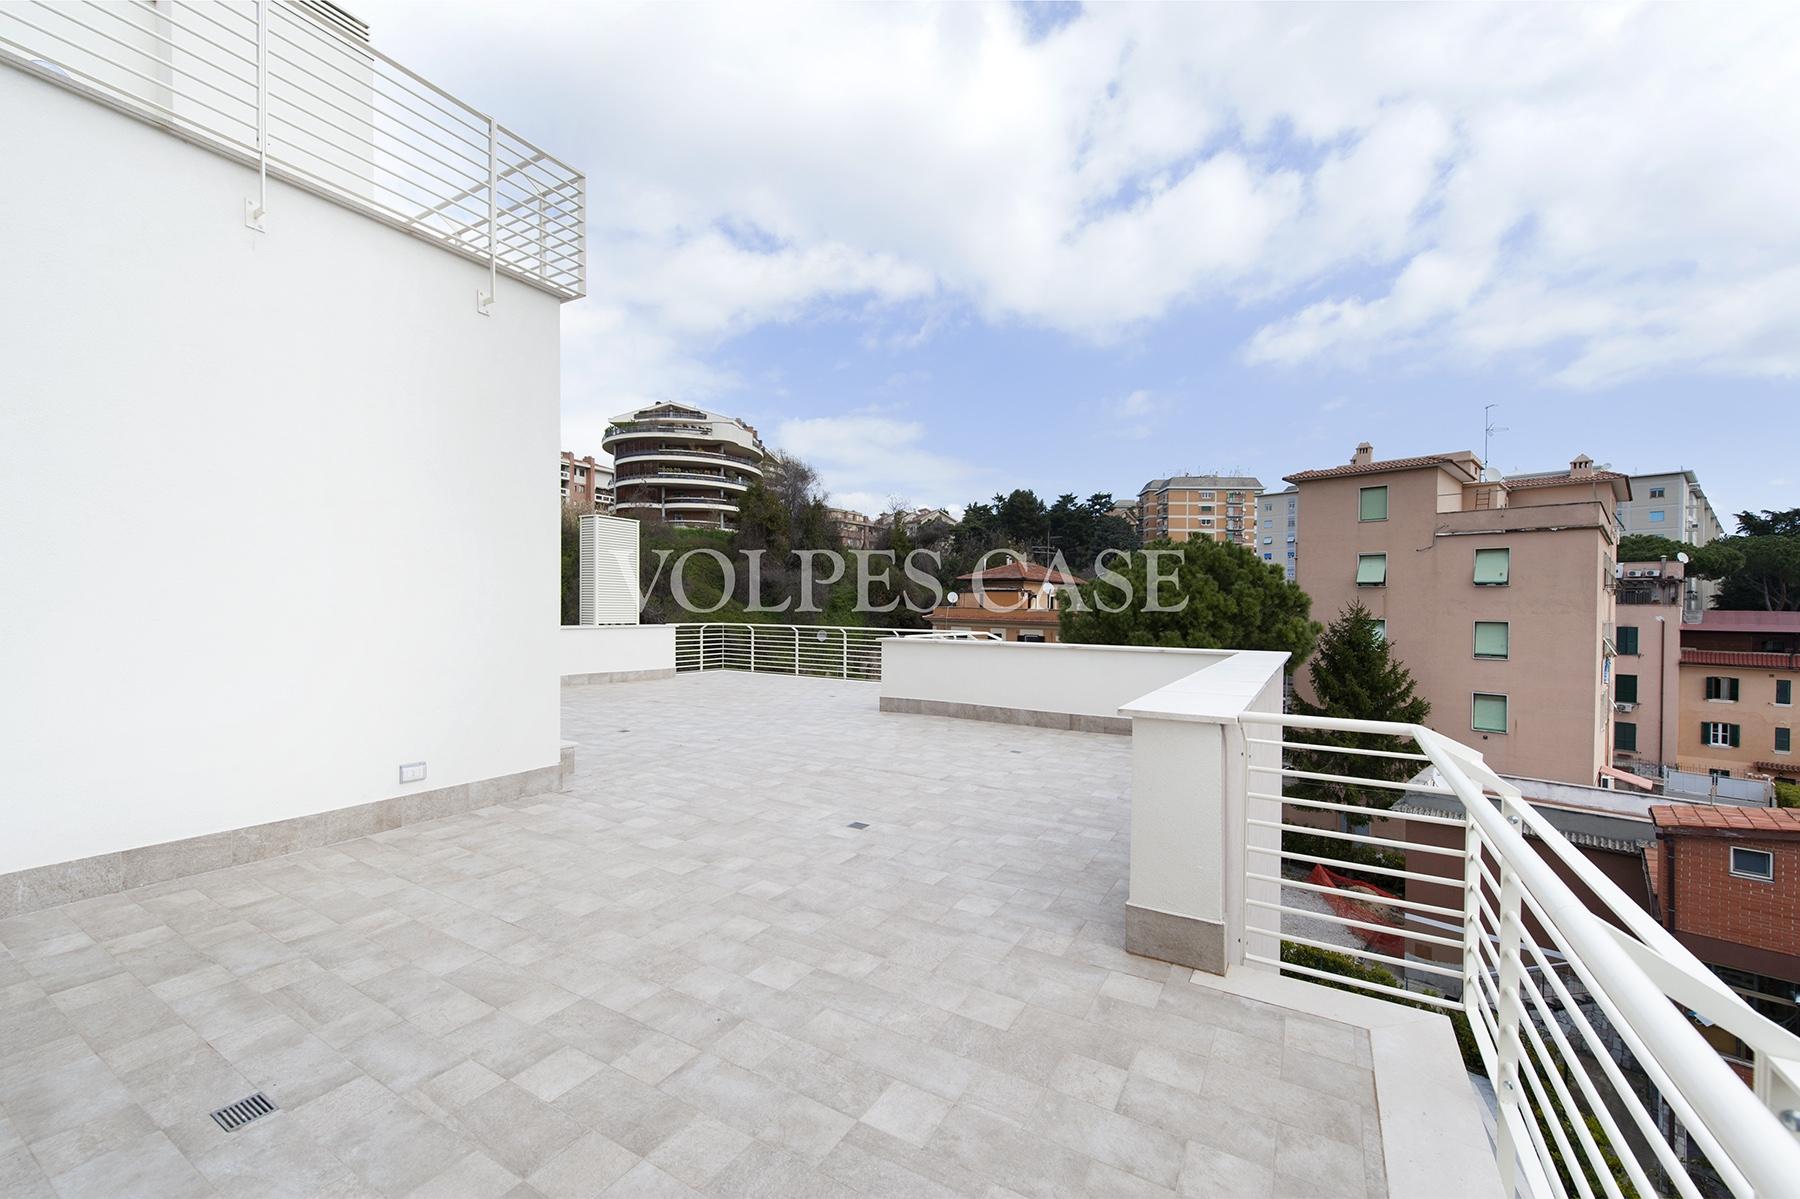 Appartamento in affitto a roma cod v45 3477 for Affitto appartamento roma privati